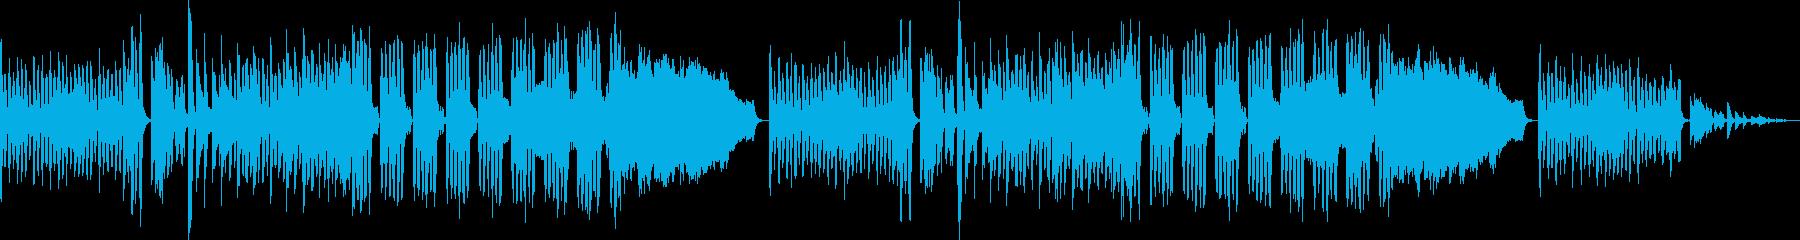 レトロゲーム風BGM(ダンジョン、緊迫)の再生済みの波形